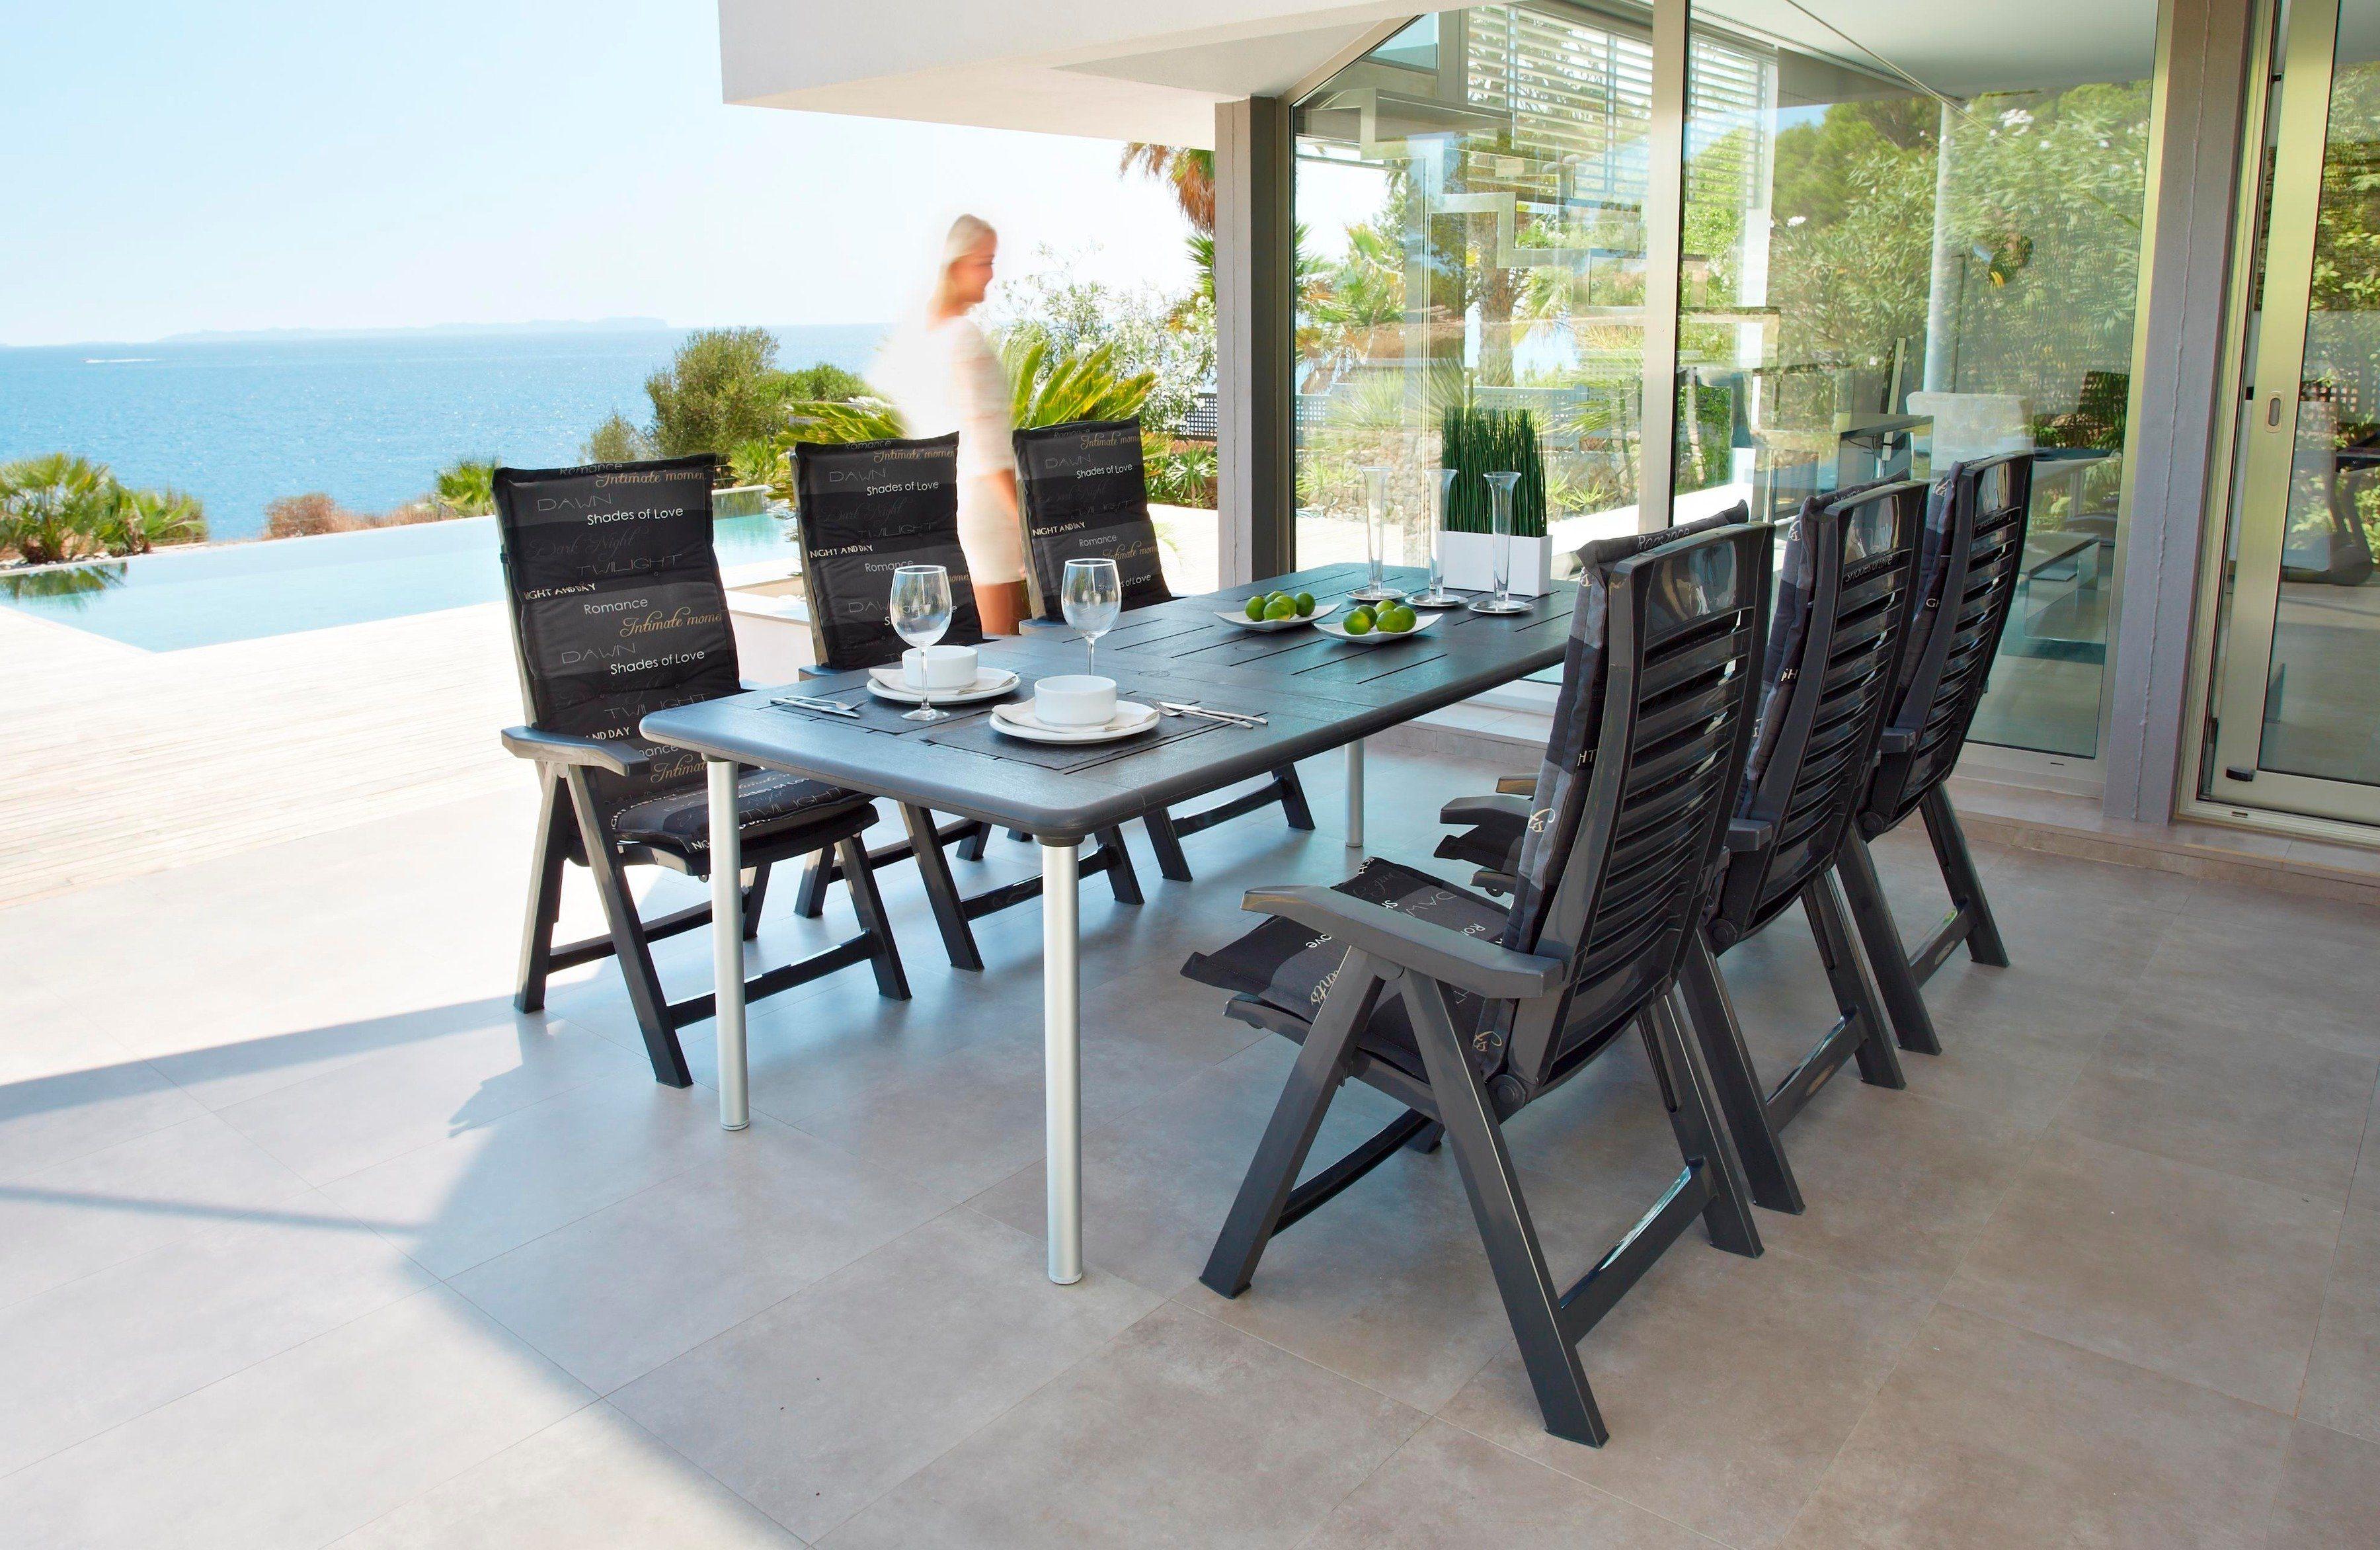 Gartenmobel Tisch Klappbar :  Tisch 160×220 cm, Kunststoff, anthrazit, inkl Auflagen in anthrazit